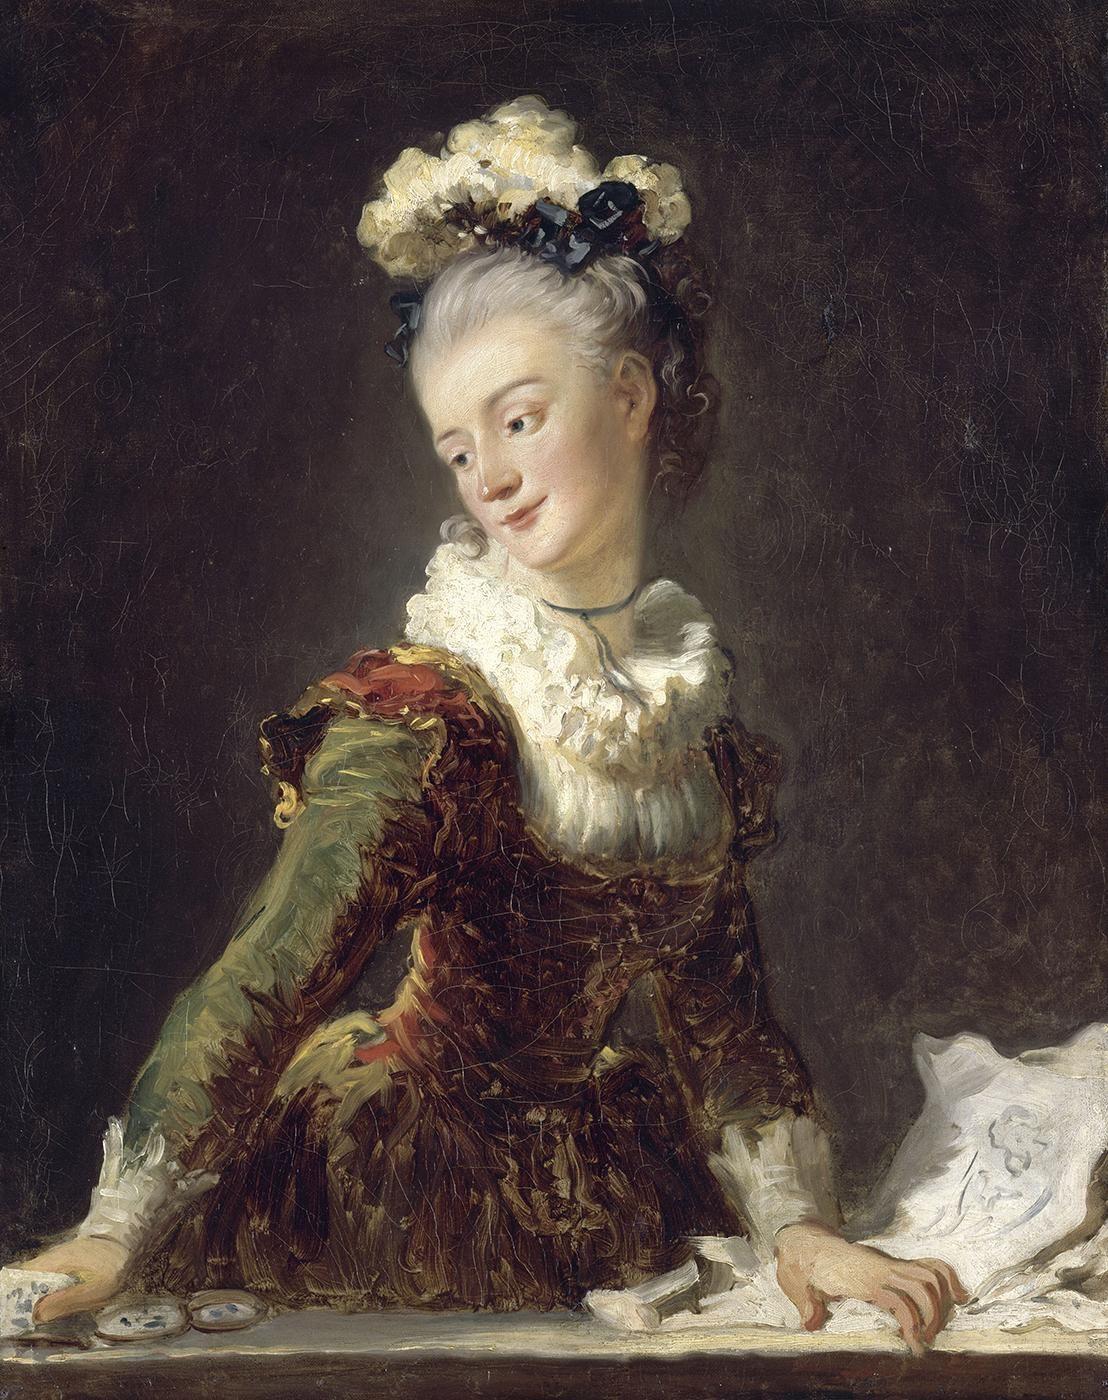 Jean-Honore Fragonard. Portrait of Marie Anne eléonore de Grave